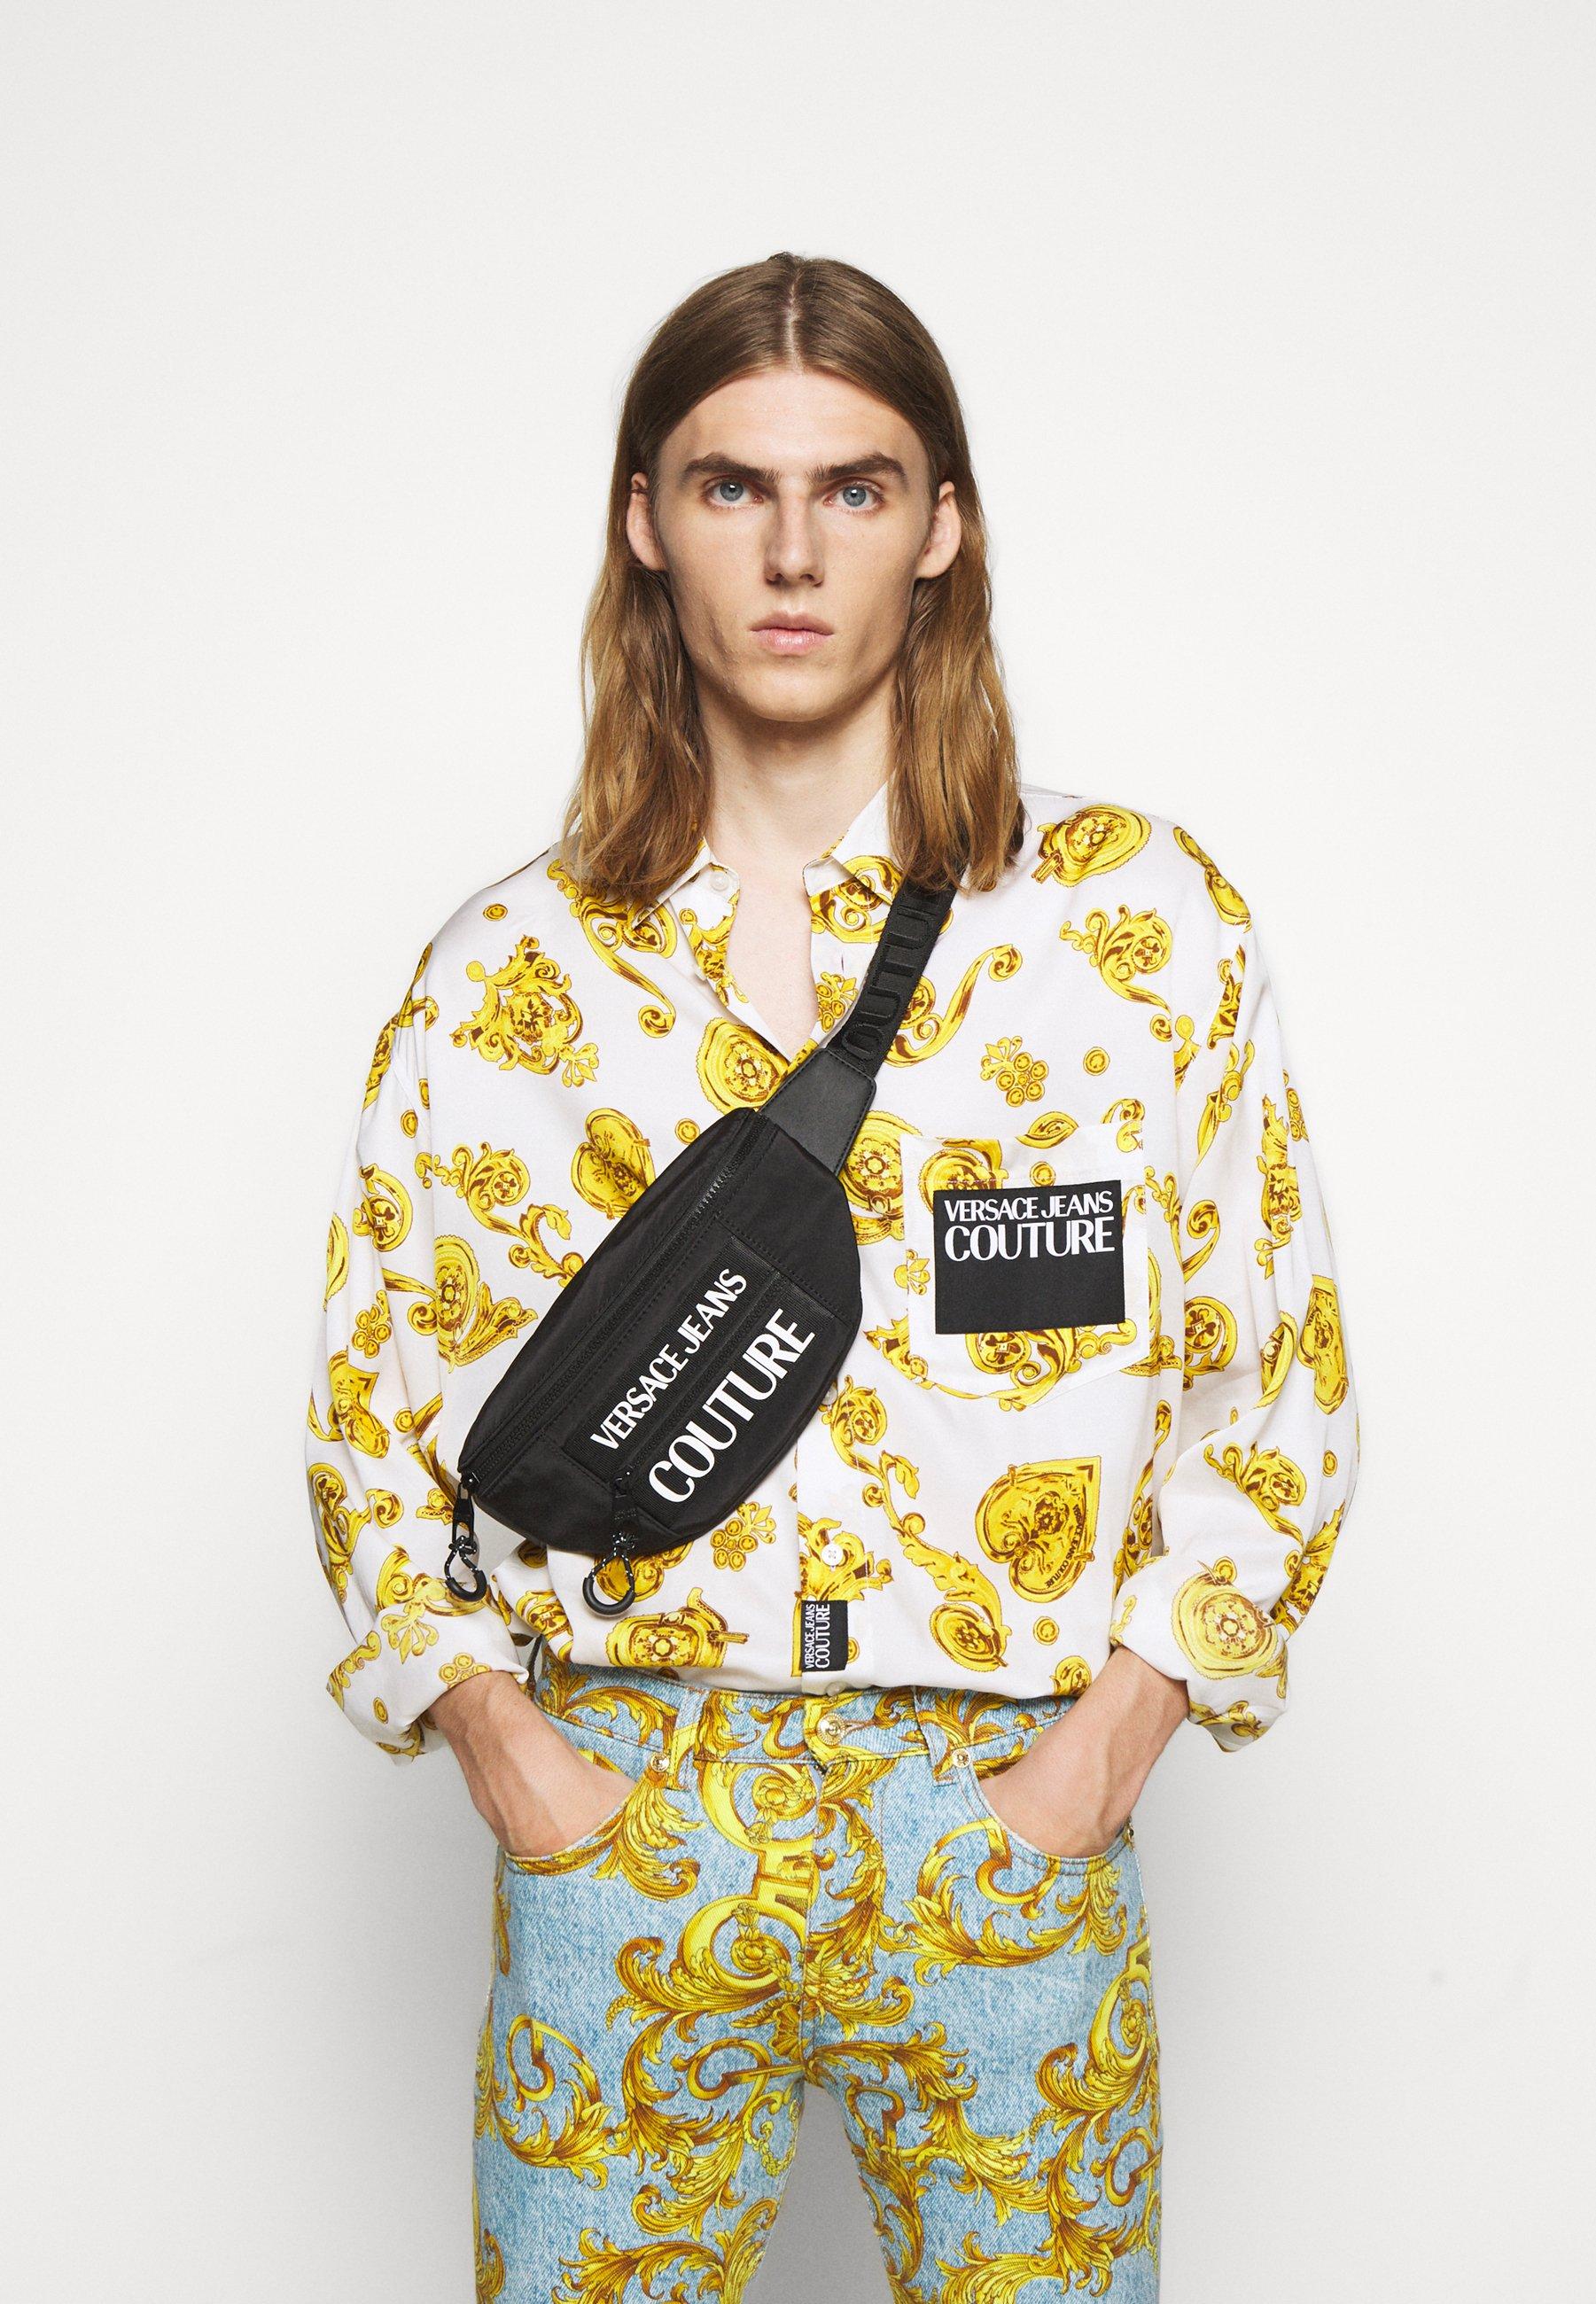 Nowy styl Gorąca wyprzedaż Versace Jeans Couture Saszetka nerka - nero | Akcesoria damskie 2020 sfLUB